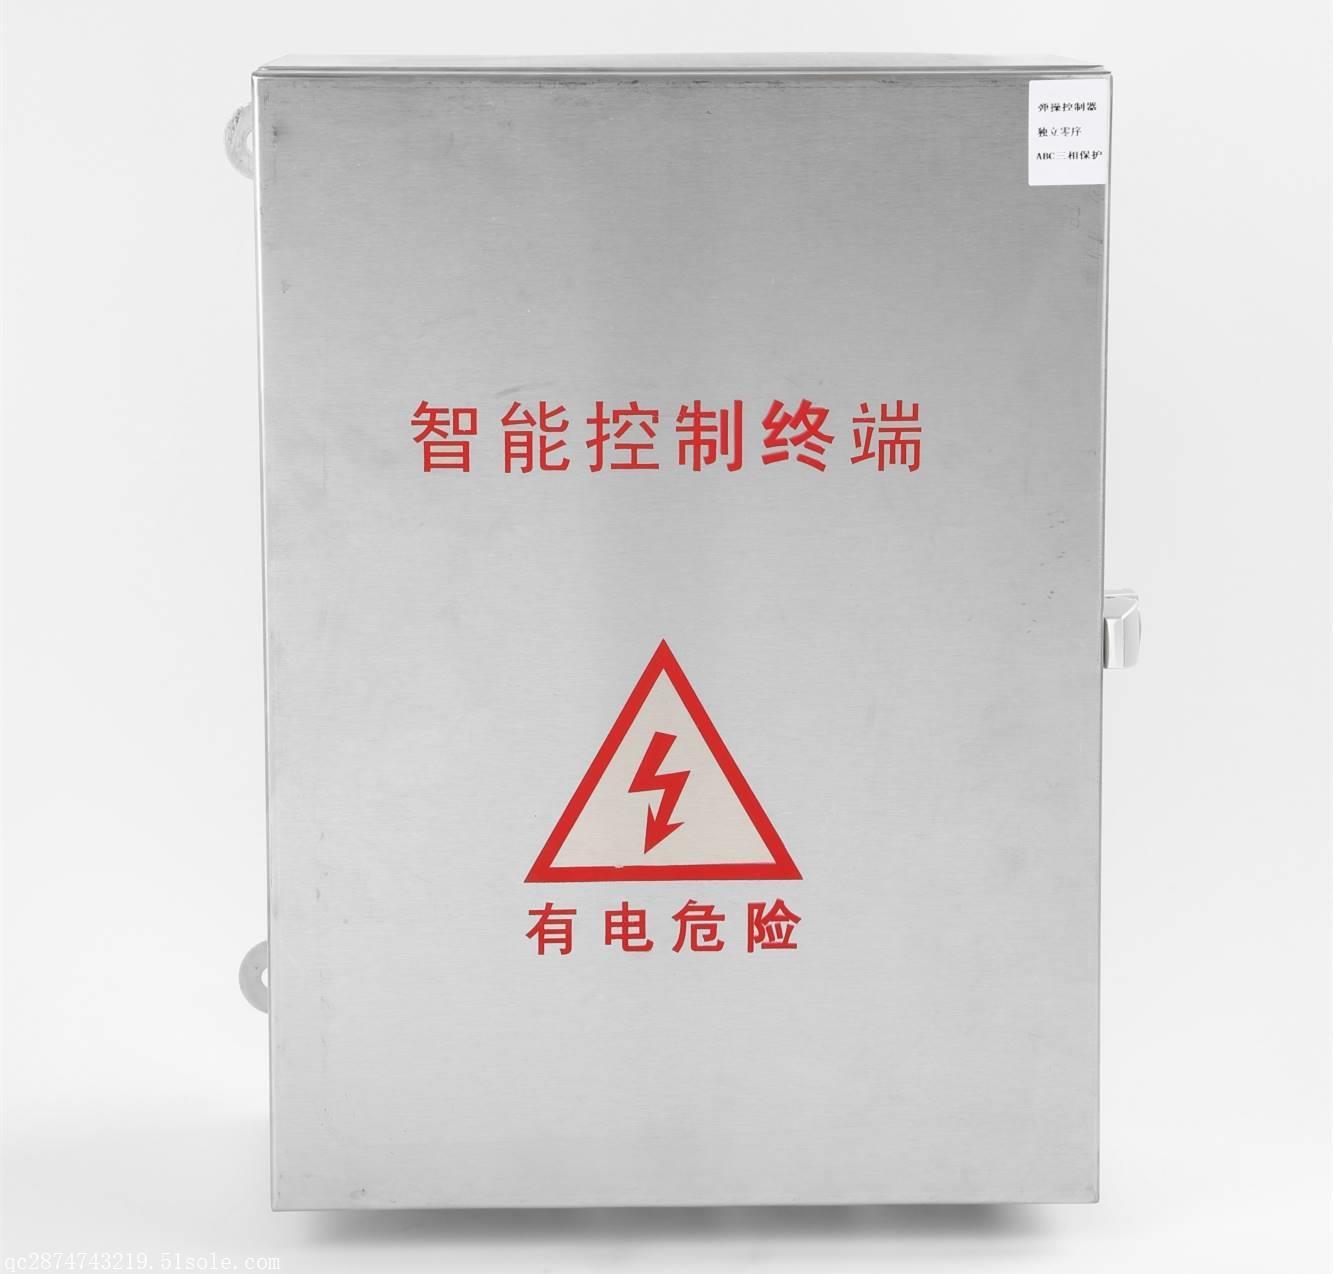 厂家直销户外真空断路器箱式智能开关控制器带短信QC-X002